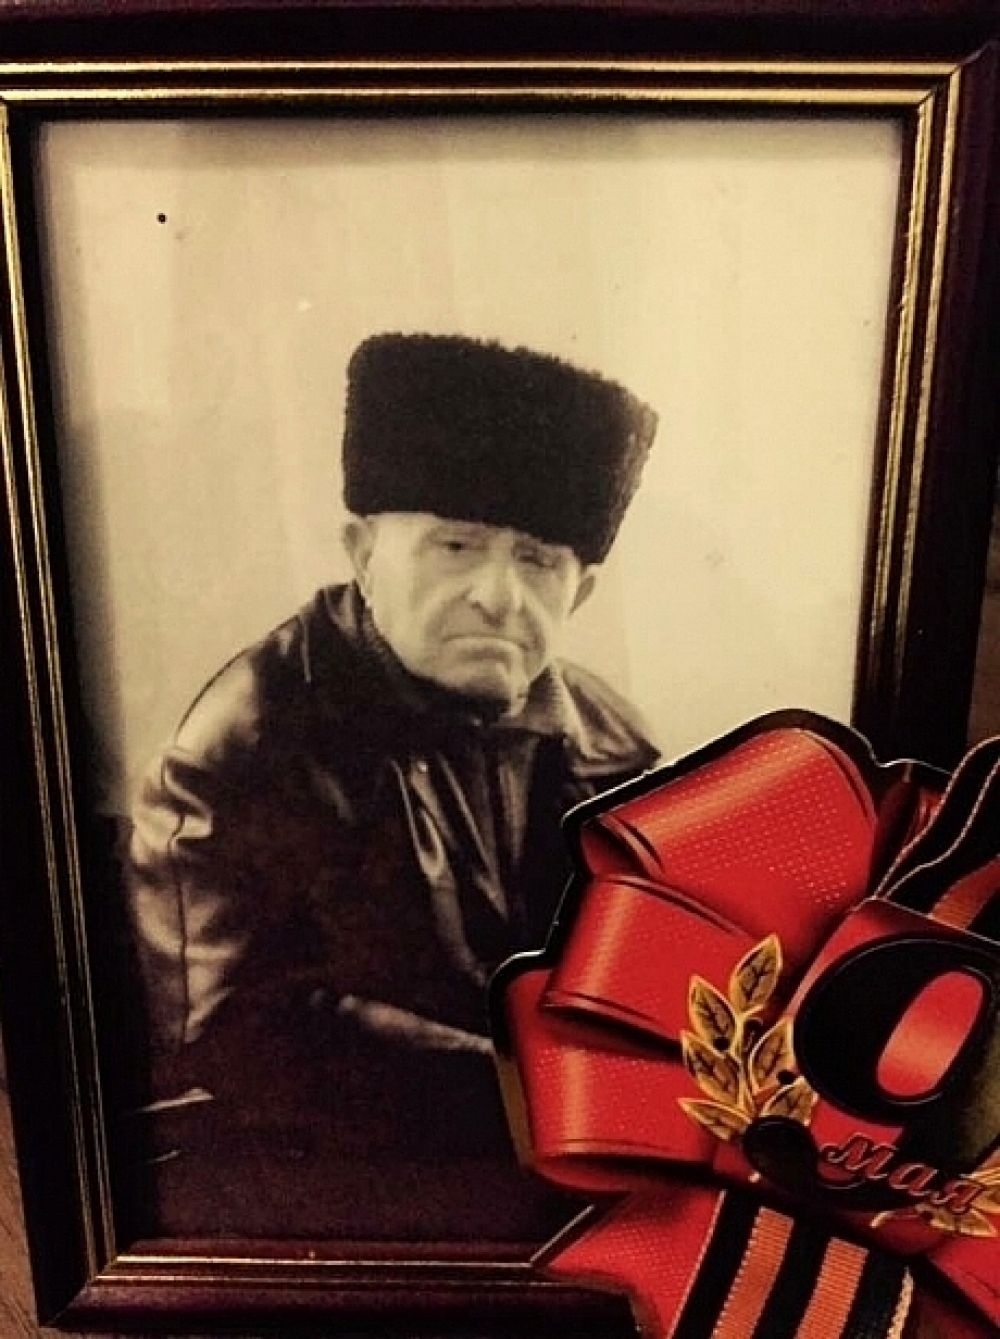 Фатима Шеуджен, главный редактор «АиФ-Юг»: Мой дед, в доме которого я выросла, Асланчерий Теучежевич Бачемуков, 1926-2011. Когда началась война, деду было 15 лет. Всю войну проработал трактористом в колхозе. Когда летом 1942 года немцы пришли на Кубань, вдвоем со своим дядей весь колхозный скот (чтобы не достался врагу) отогнали в Закопский лес ( на его месте сейчас Краснодарское водохранилище) и находились там до февраля 1943 года. Научил быть терпимой к чужим слабостям, а к жизни относится легко и с юмором.